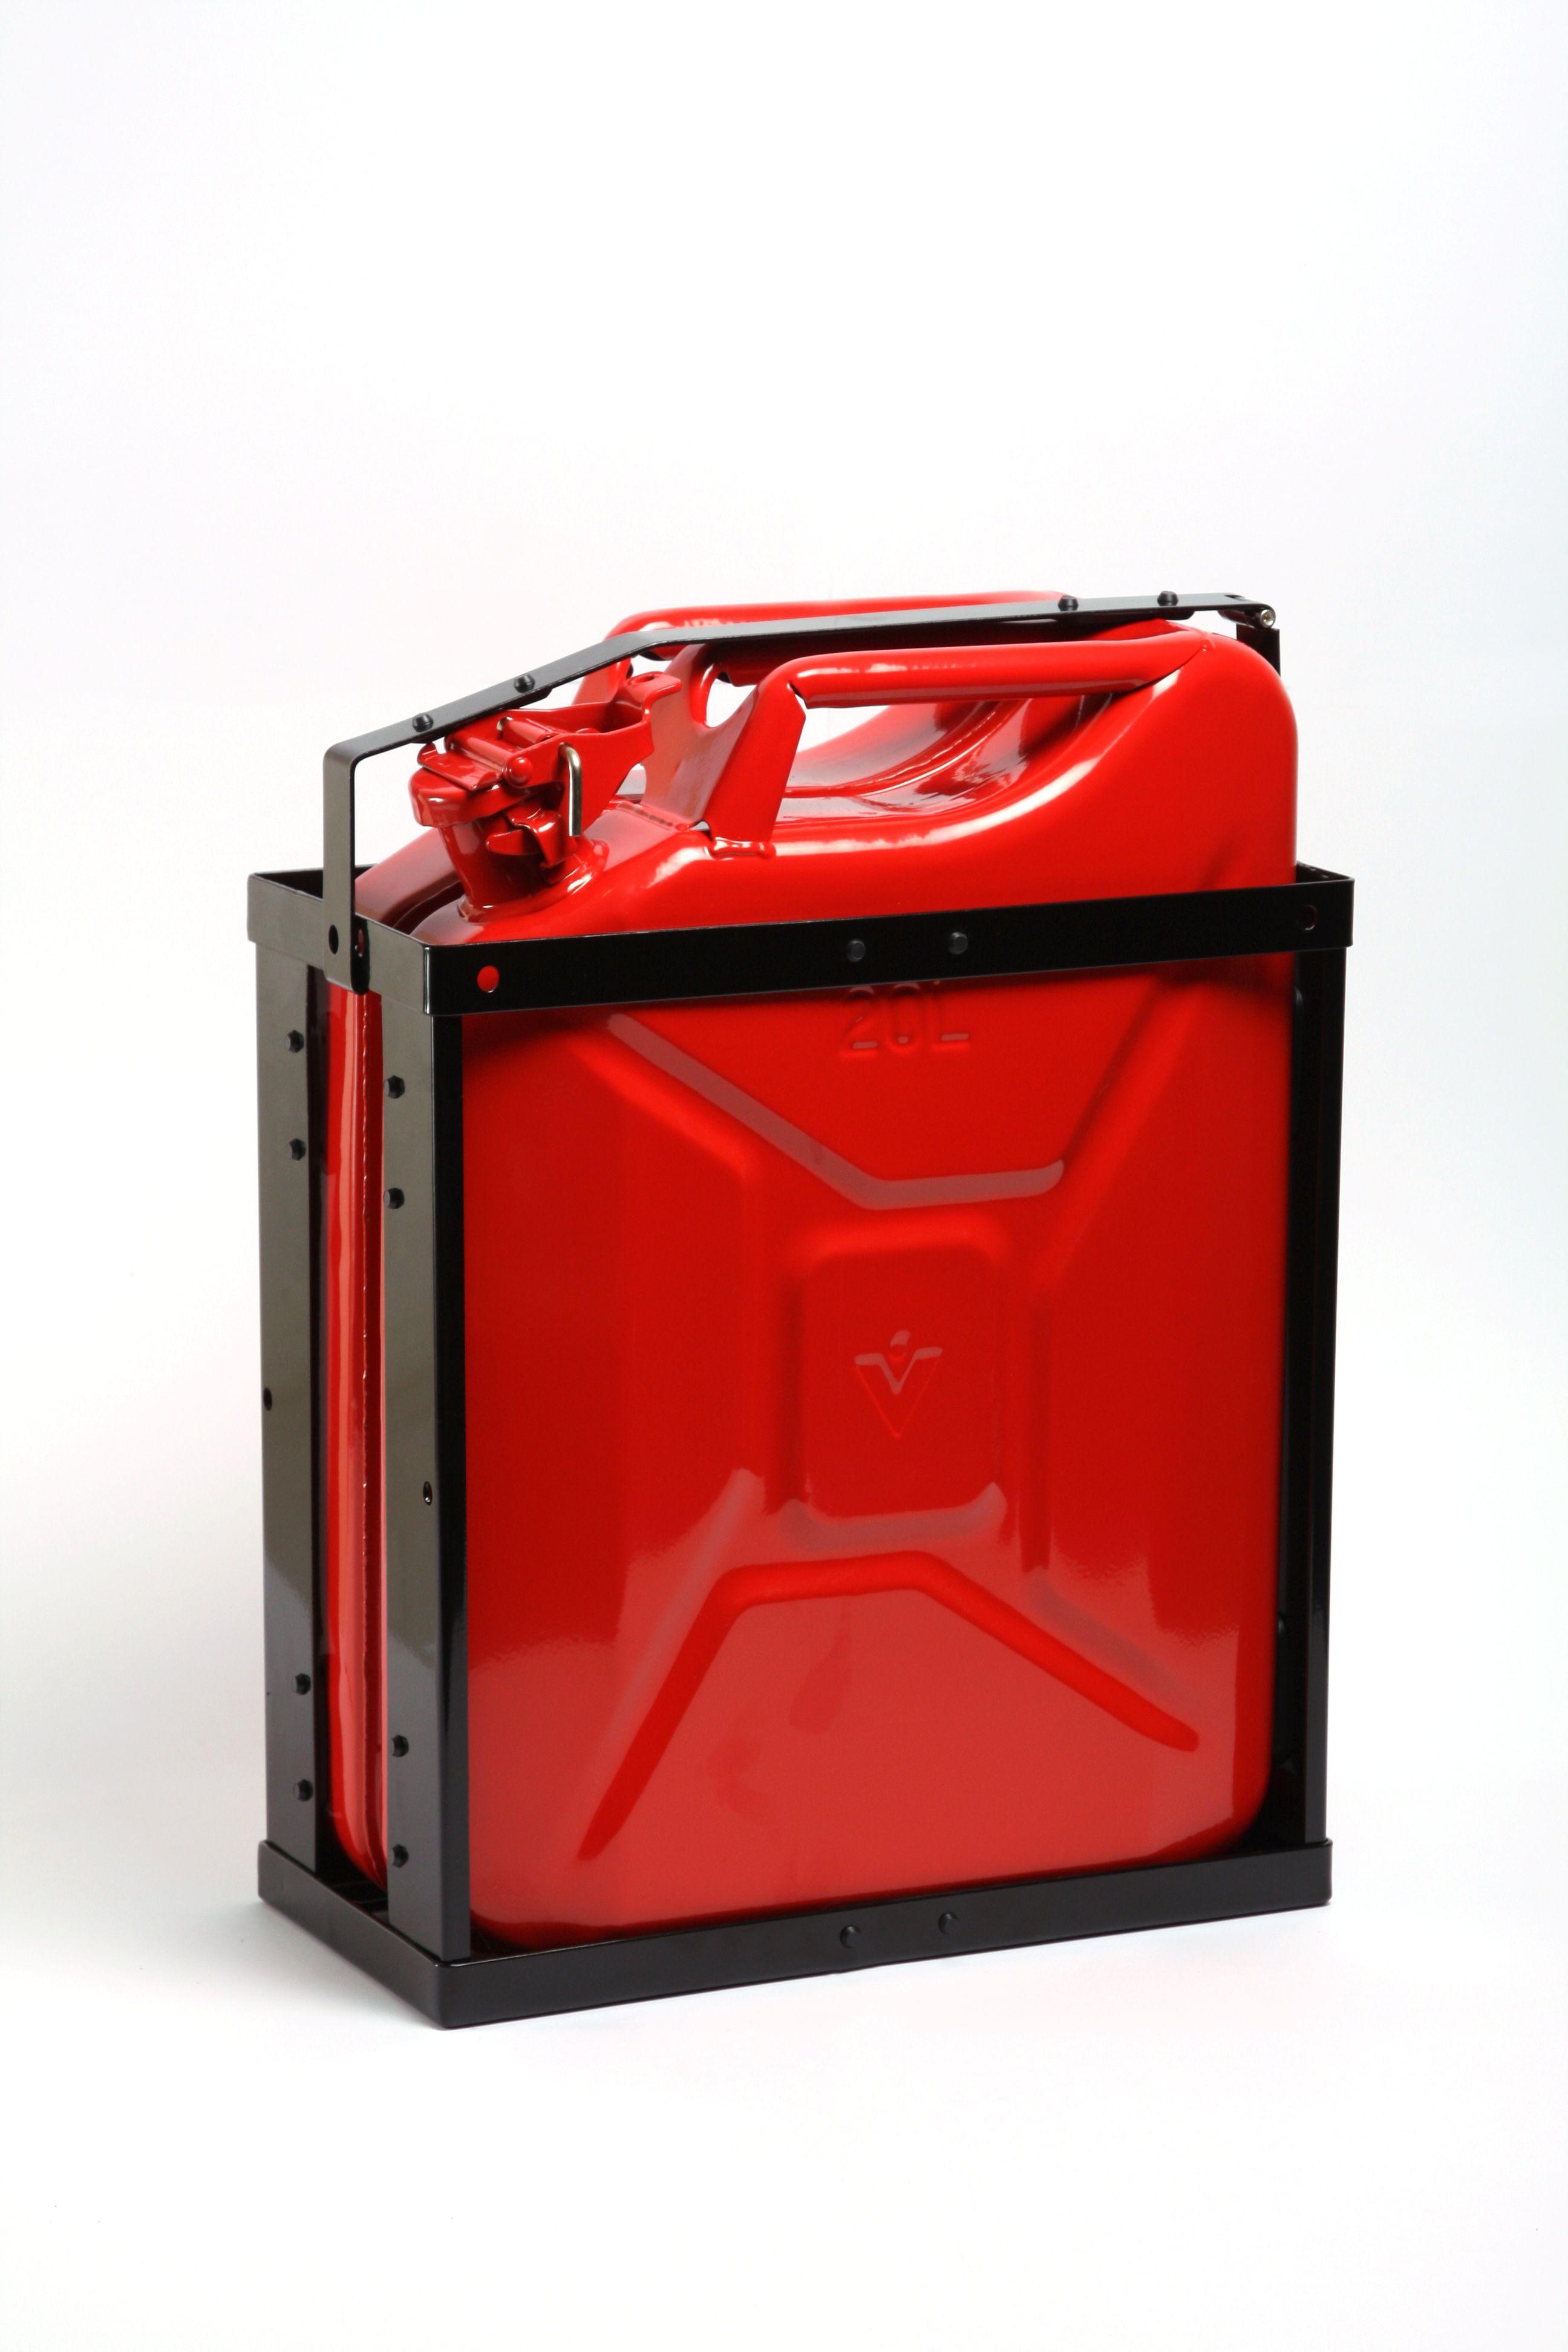 Melns degvielas kannas režģis sarkana kanna